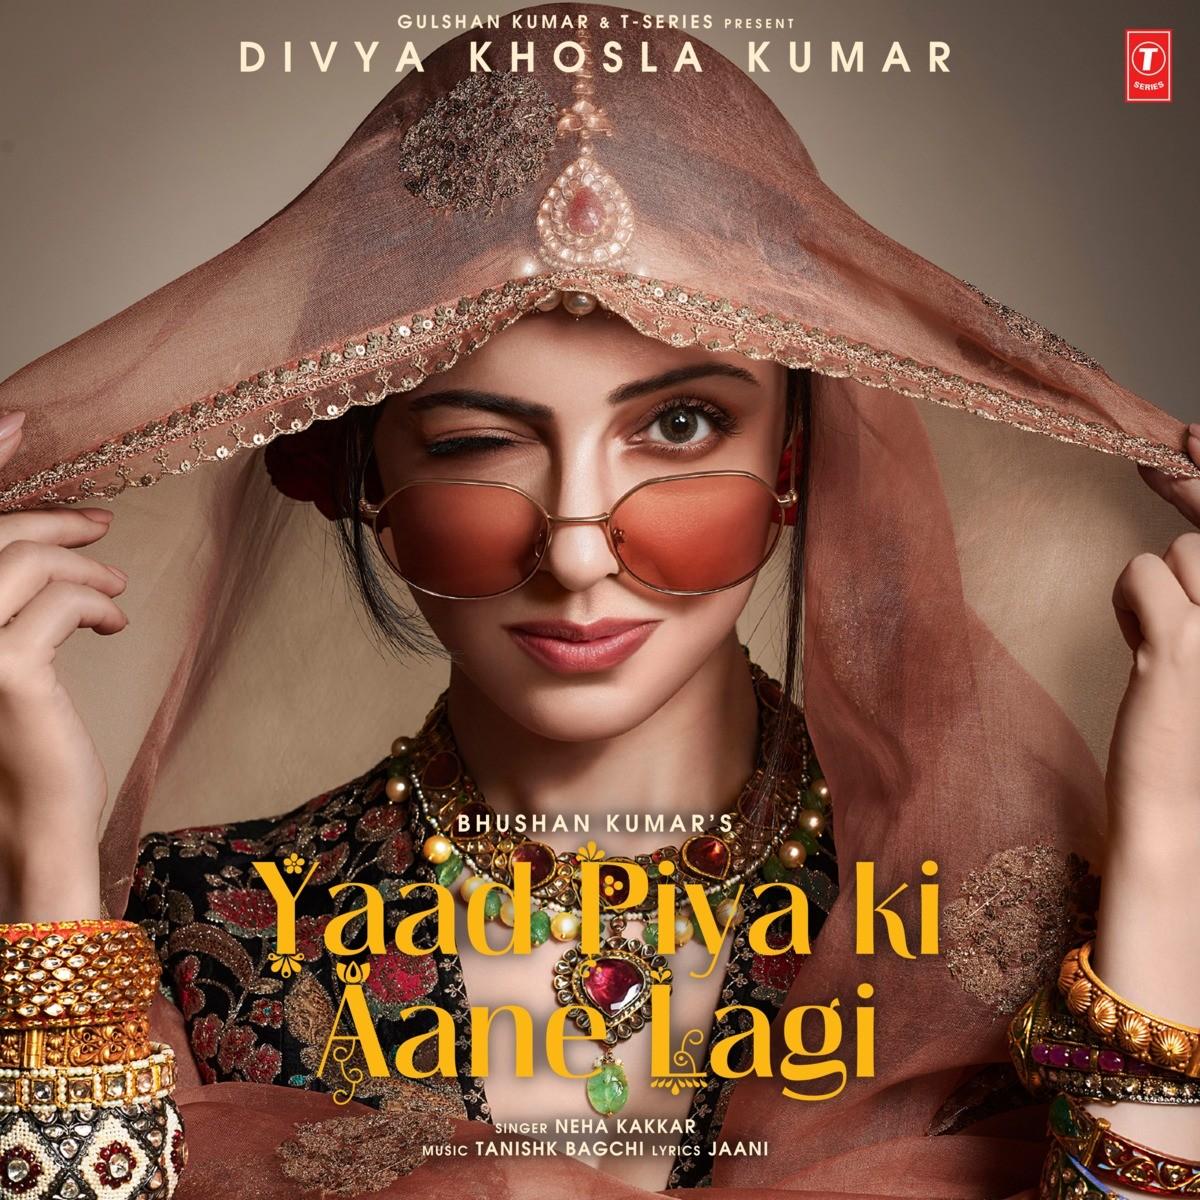 Yaad Piya Ki Aane Lagi Lyrics In Hindi Yaad Piya Ki Aane Lagi Yaad Piya Ki Aane Lagi Song Lyrics In English Free Online On Gaana Com